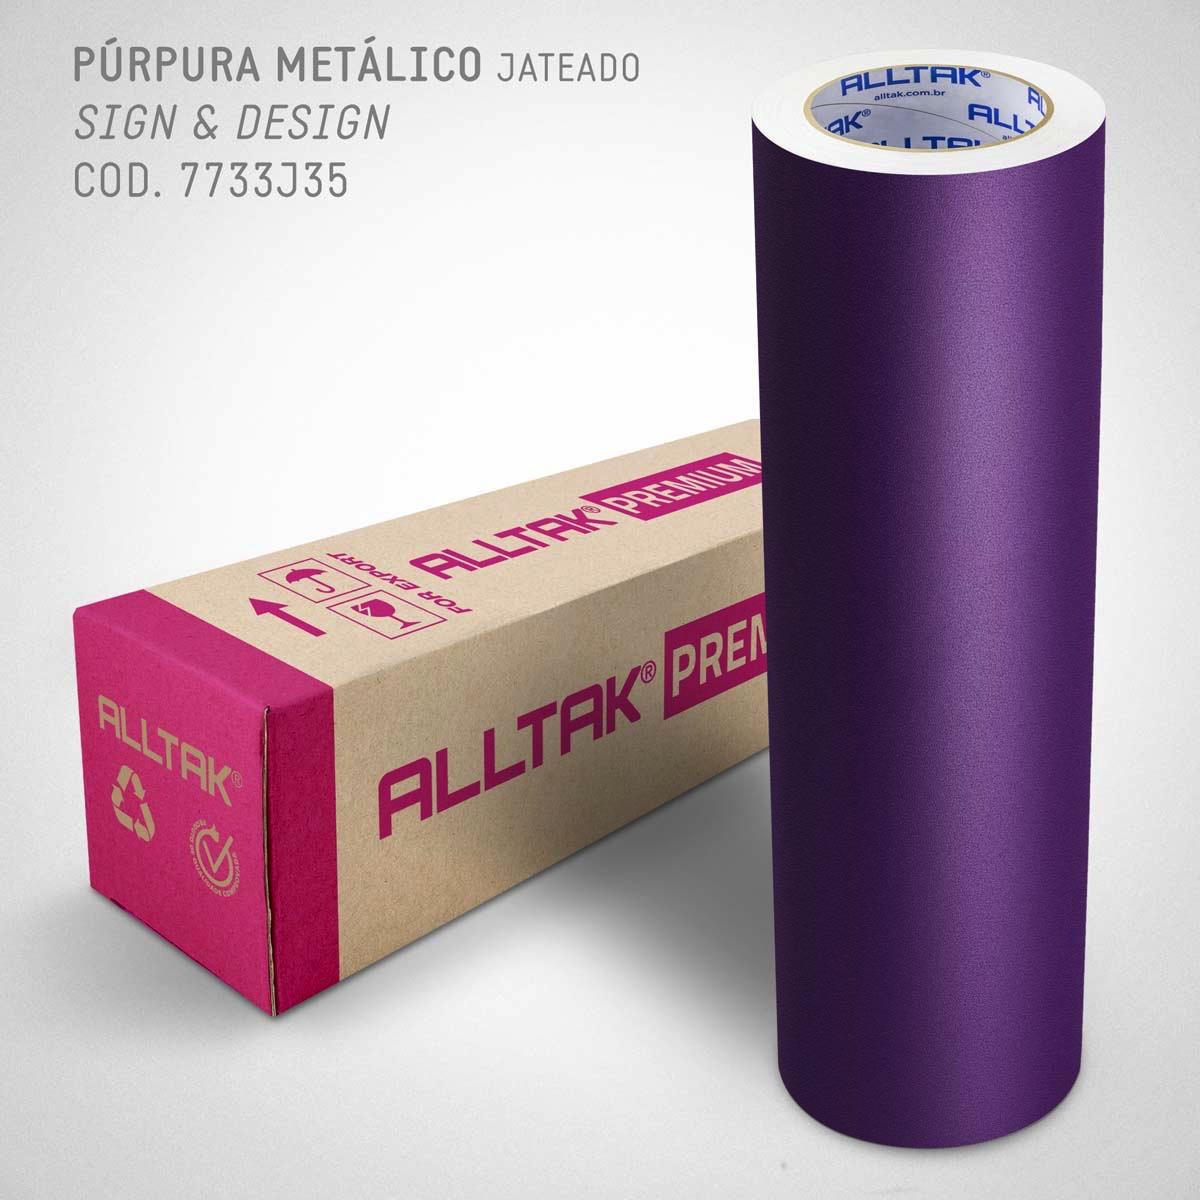 PREMIUM PURPURA METÁLICA 0,08X1,22